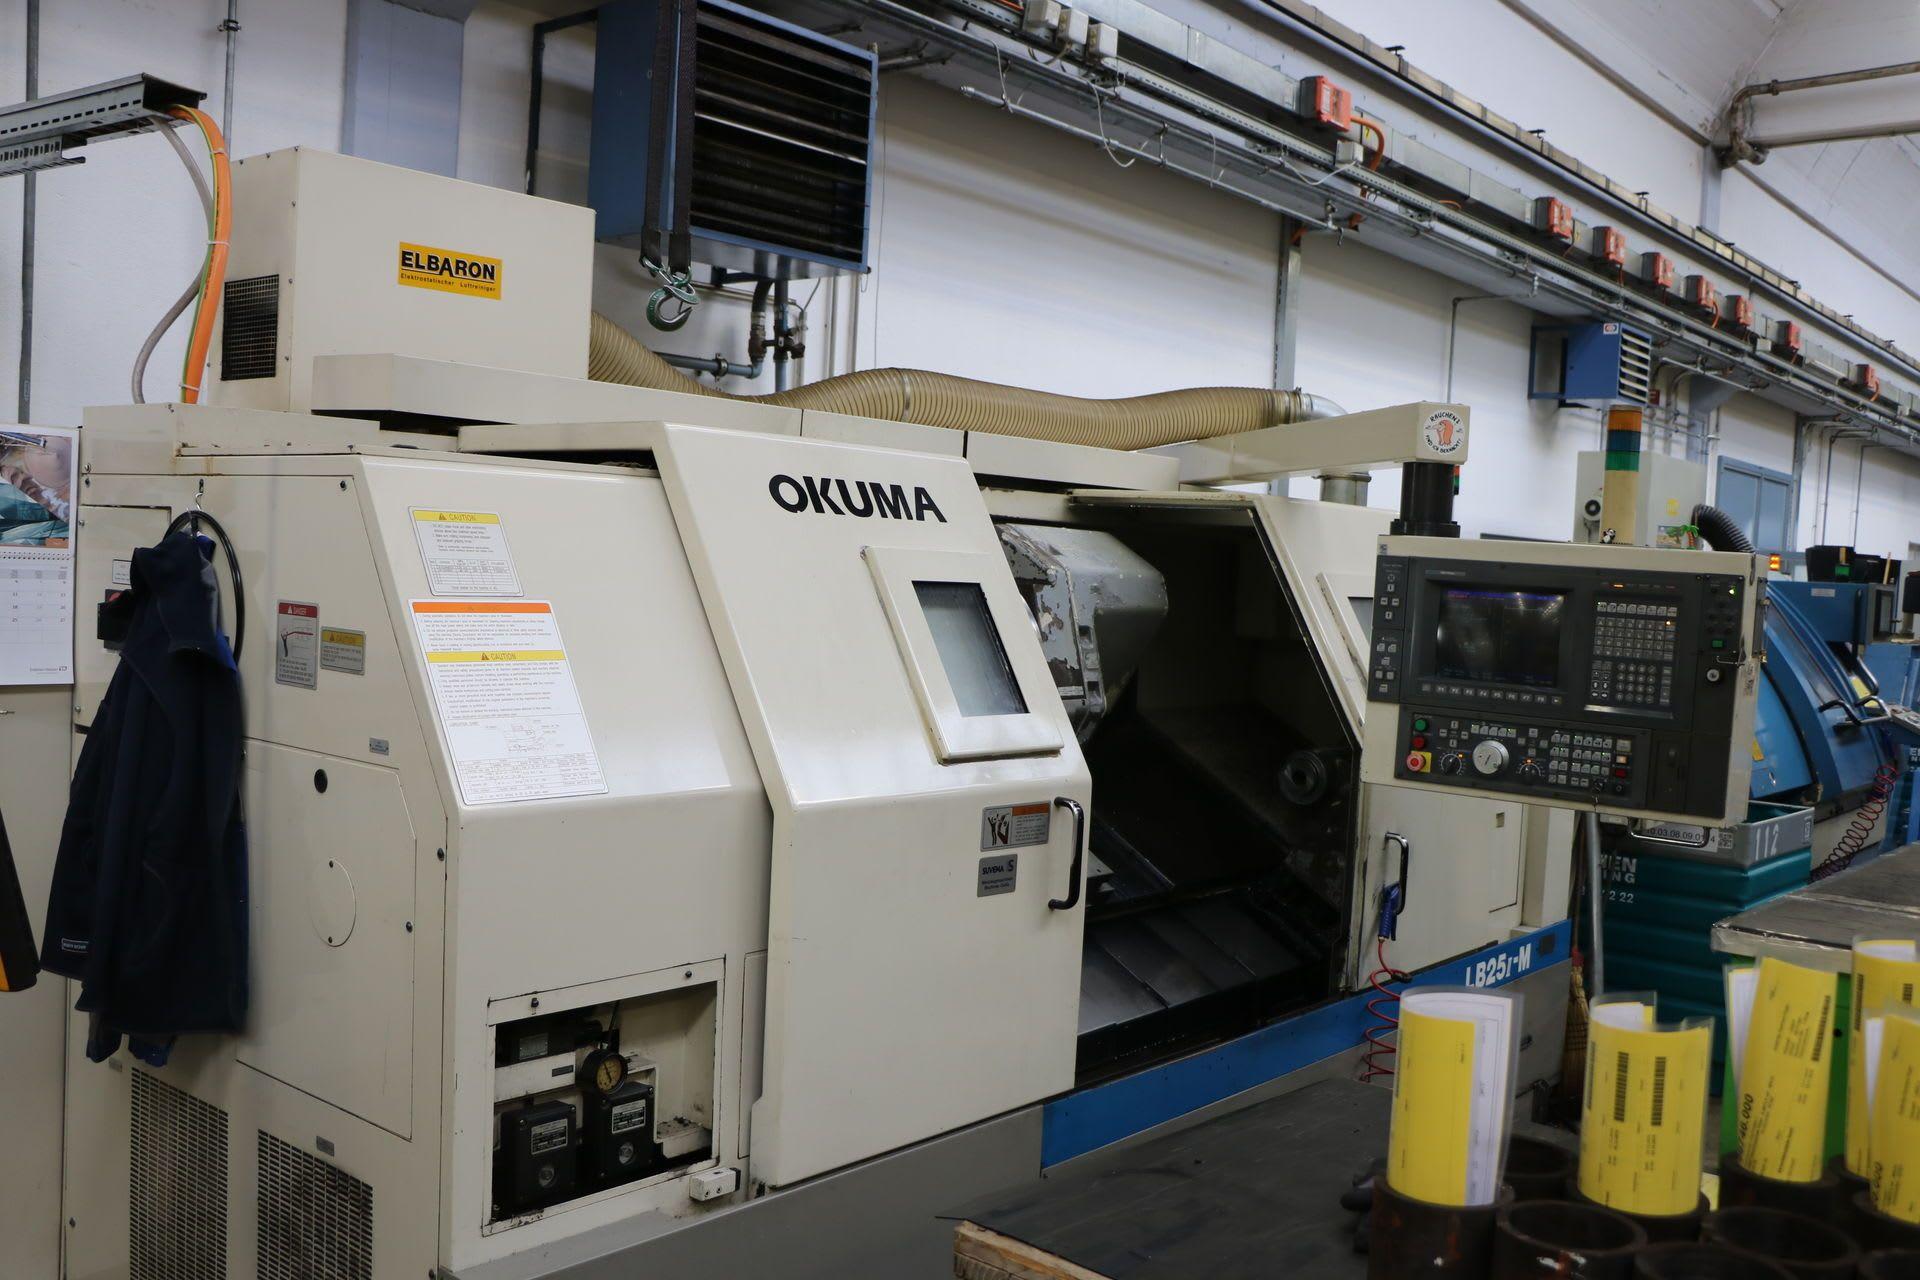 OKUMA LB 25 II CNC-Drehmaschine